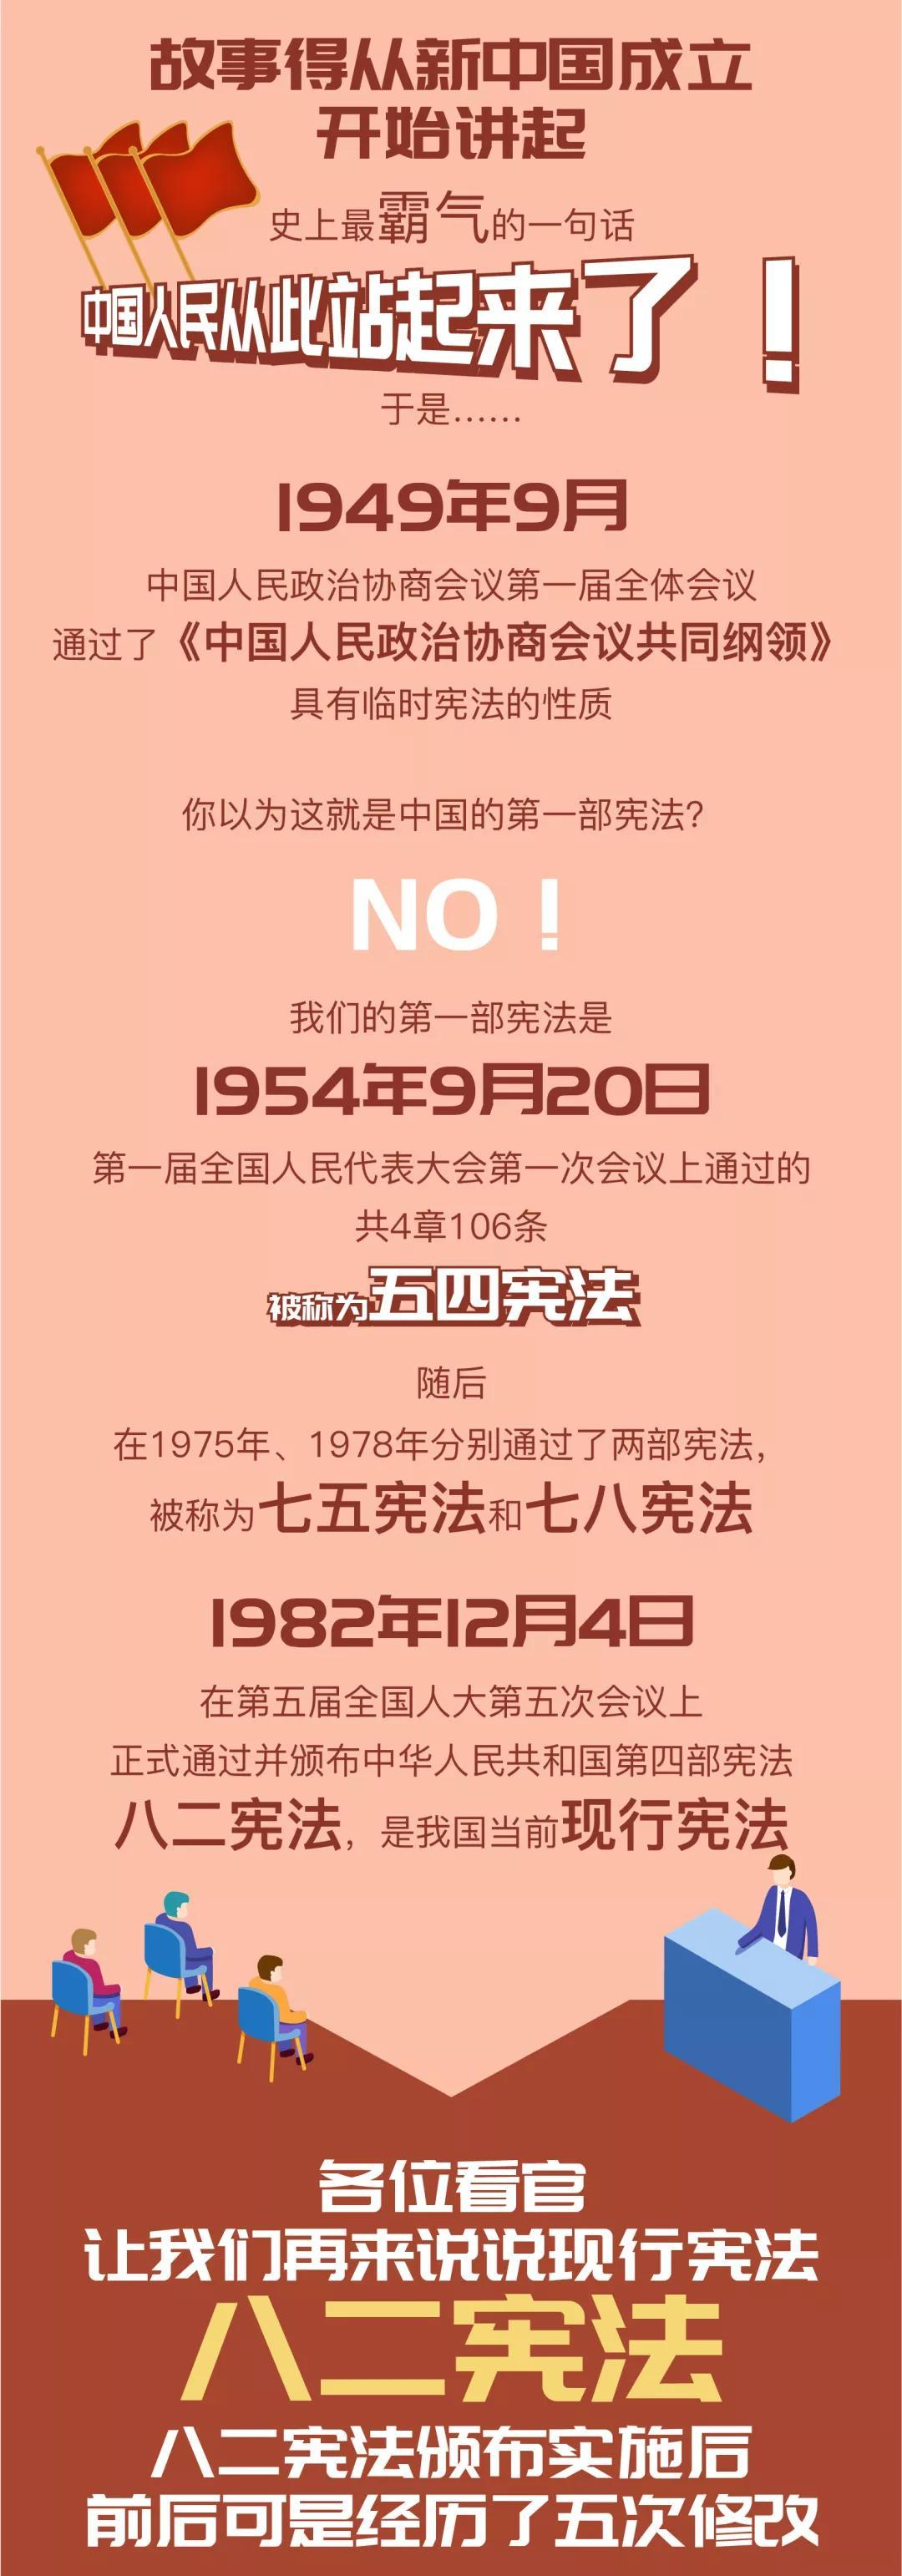 宪法宣传周丨图解中华人民共和国宪法的历史沿革